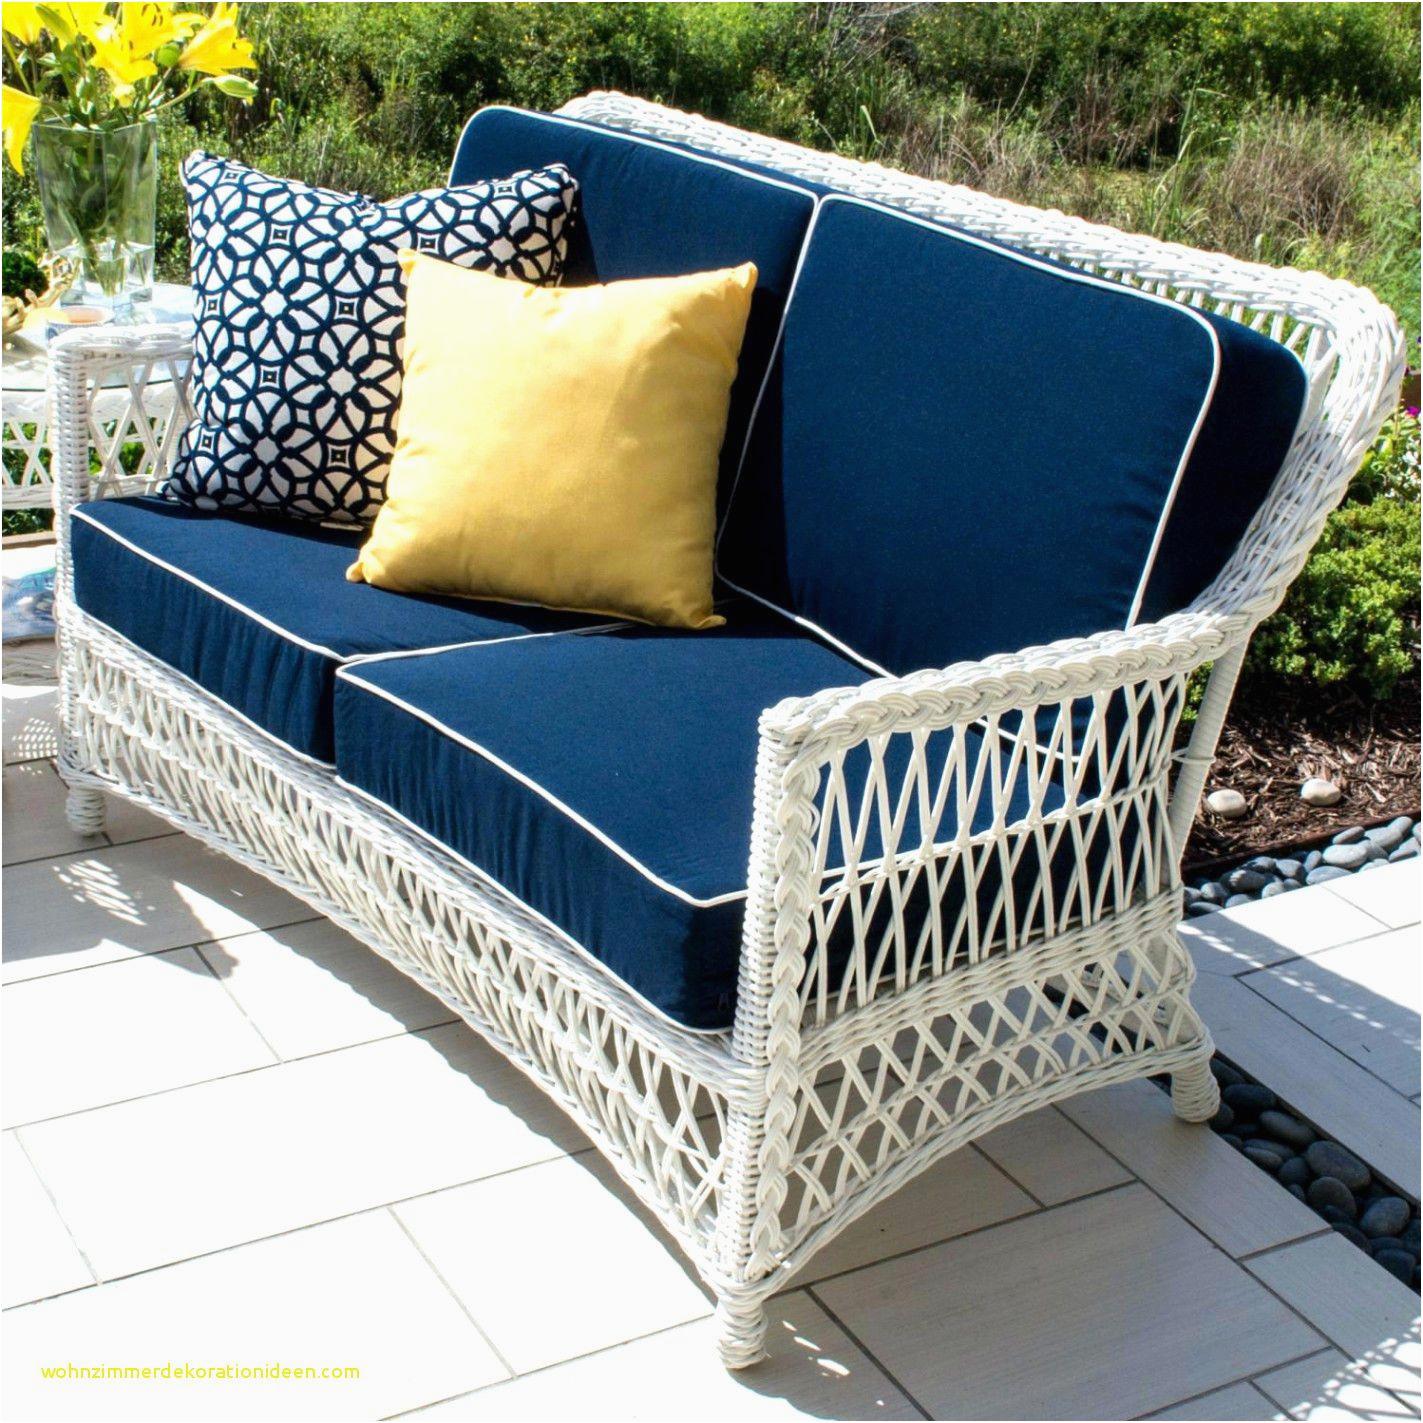 otto moebel couchgarnituren sofa schwarz grau schoen sofa grau stoff graue couch 0d archives neu